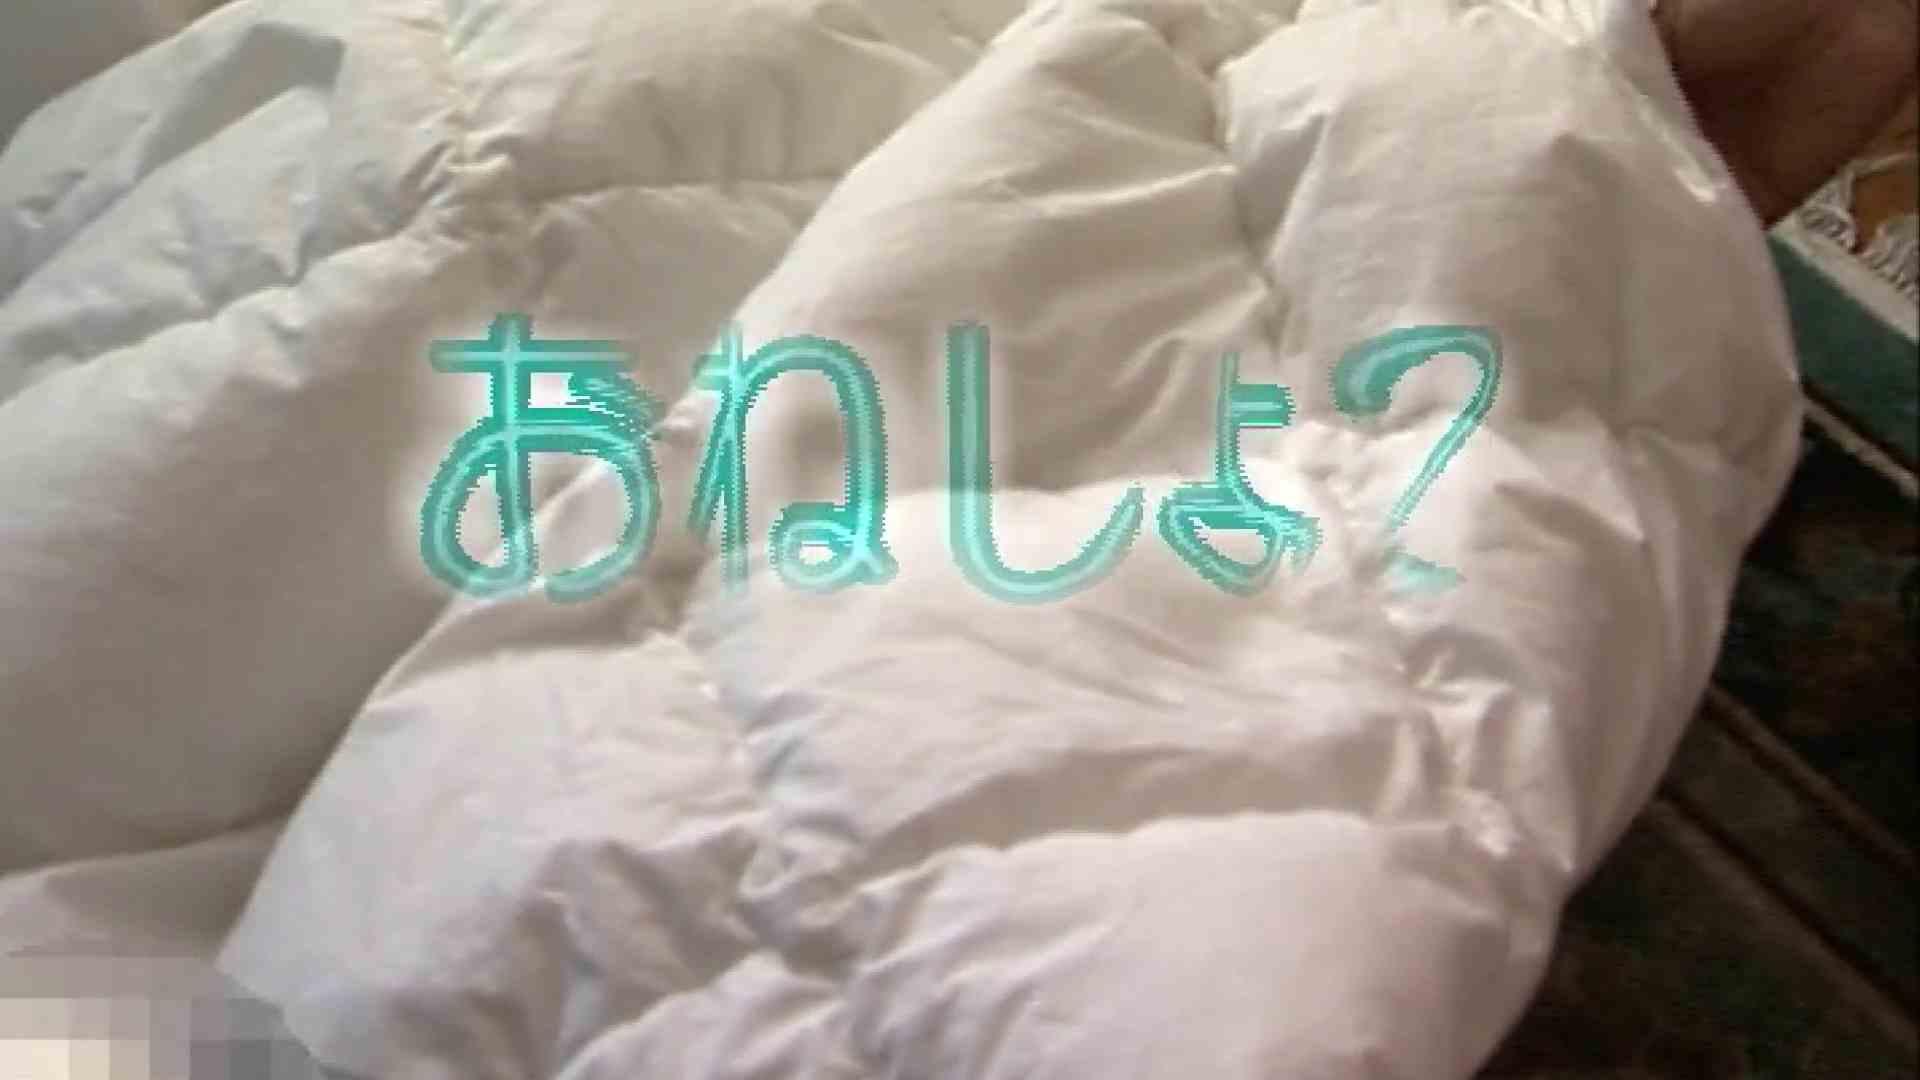 イケイケMEN'SCLUB vol.16前編 3P4P | エロ天国 ゲイフリーエロ画像 13連発 1